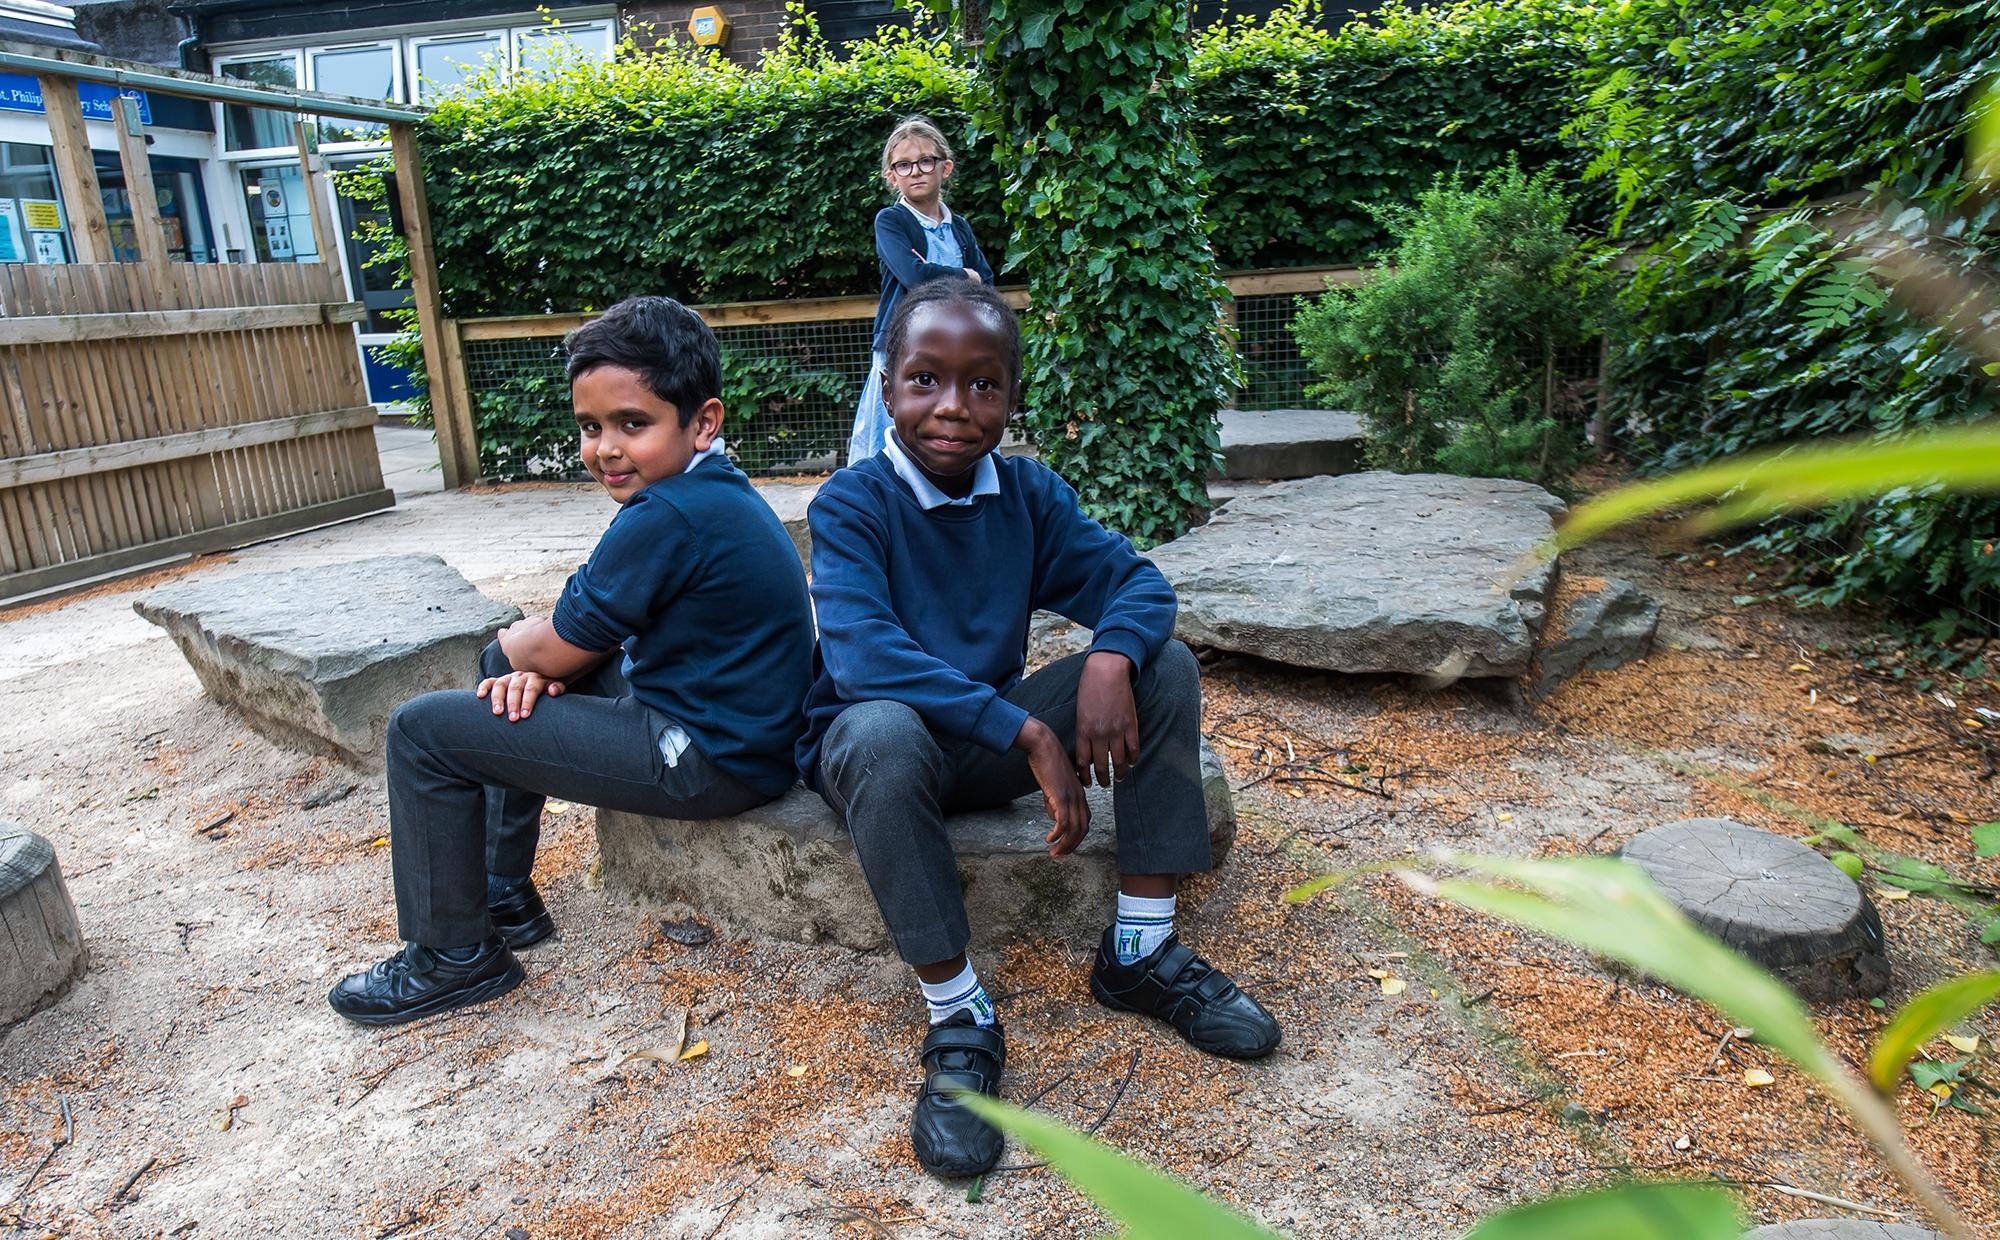 Diversity in school